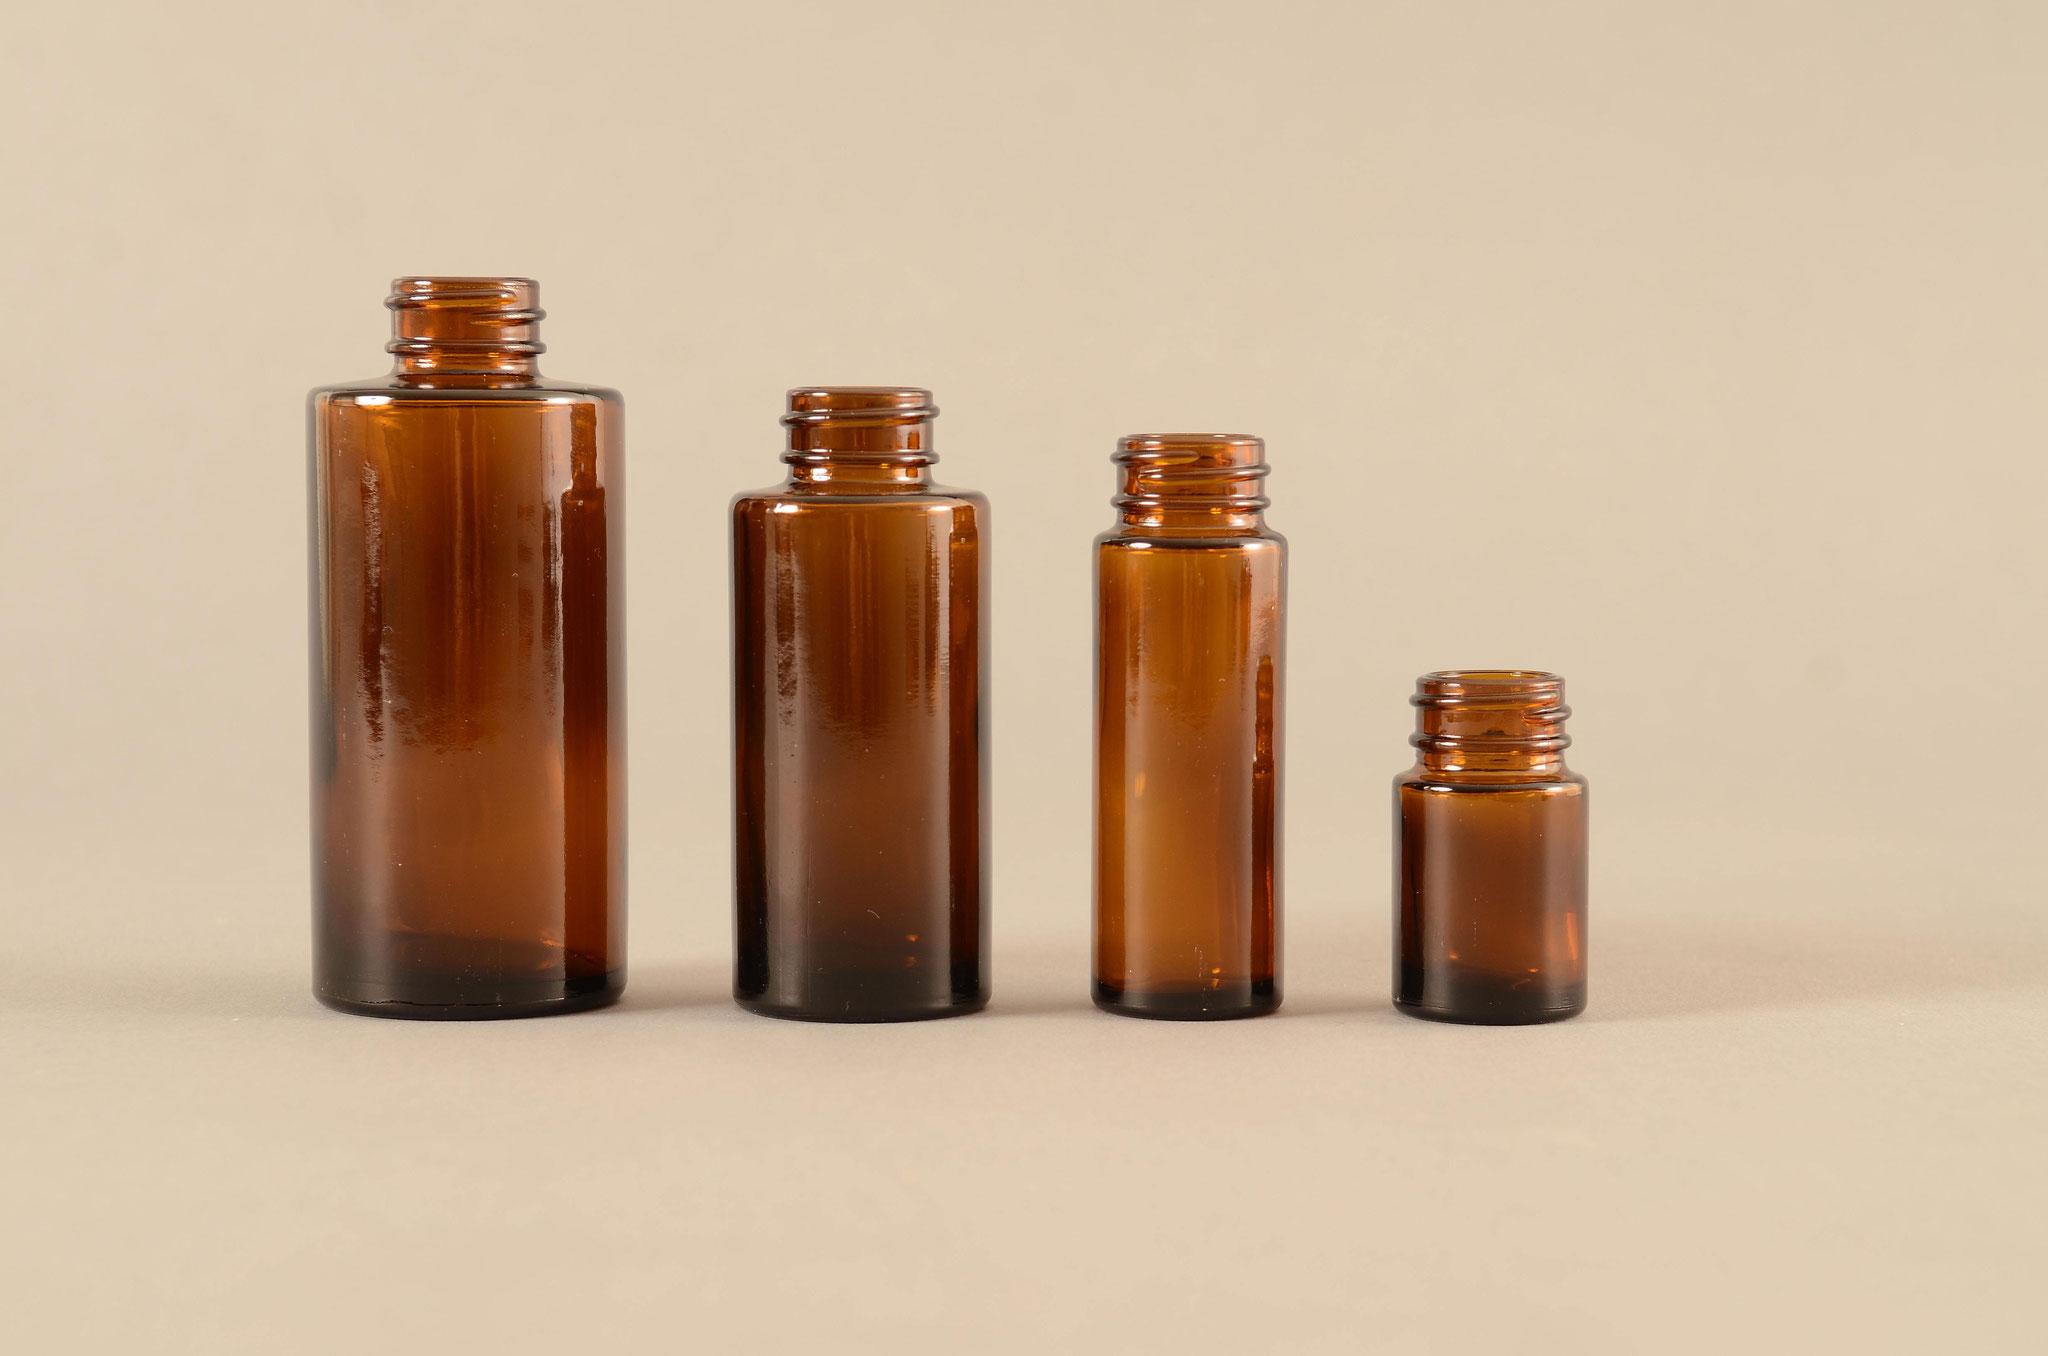 Aus dem TREFFPACK Sortiment - Zylindrische Flaschen